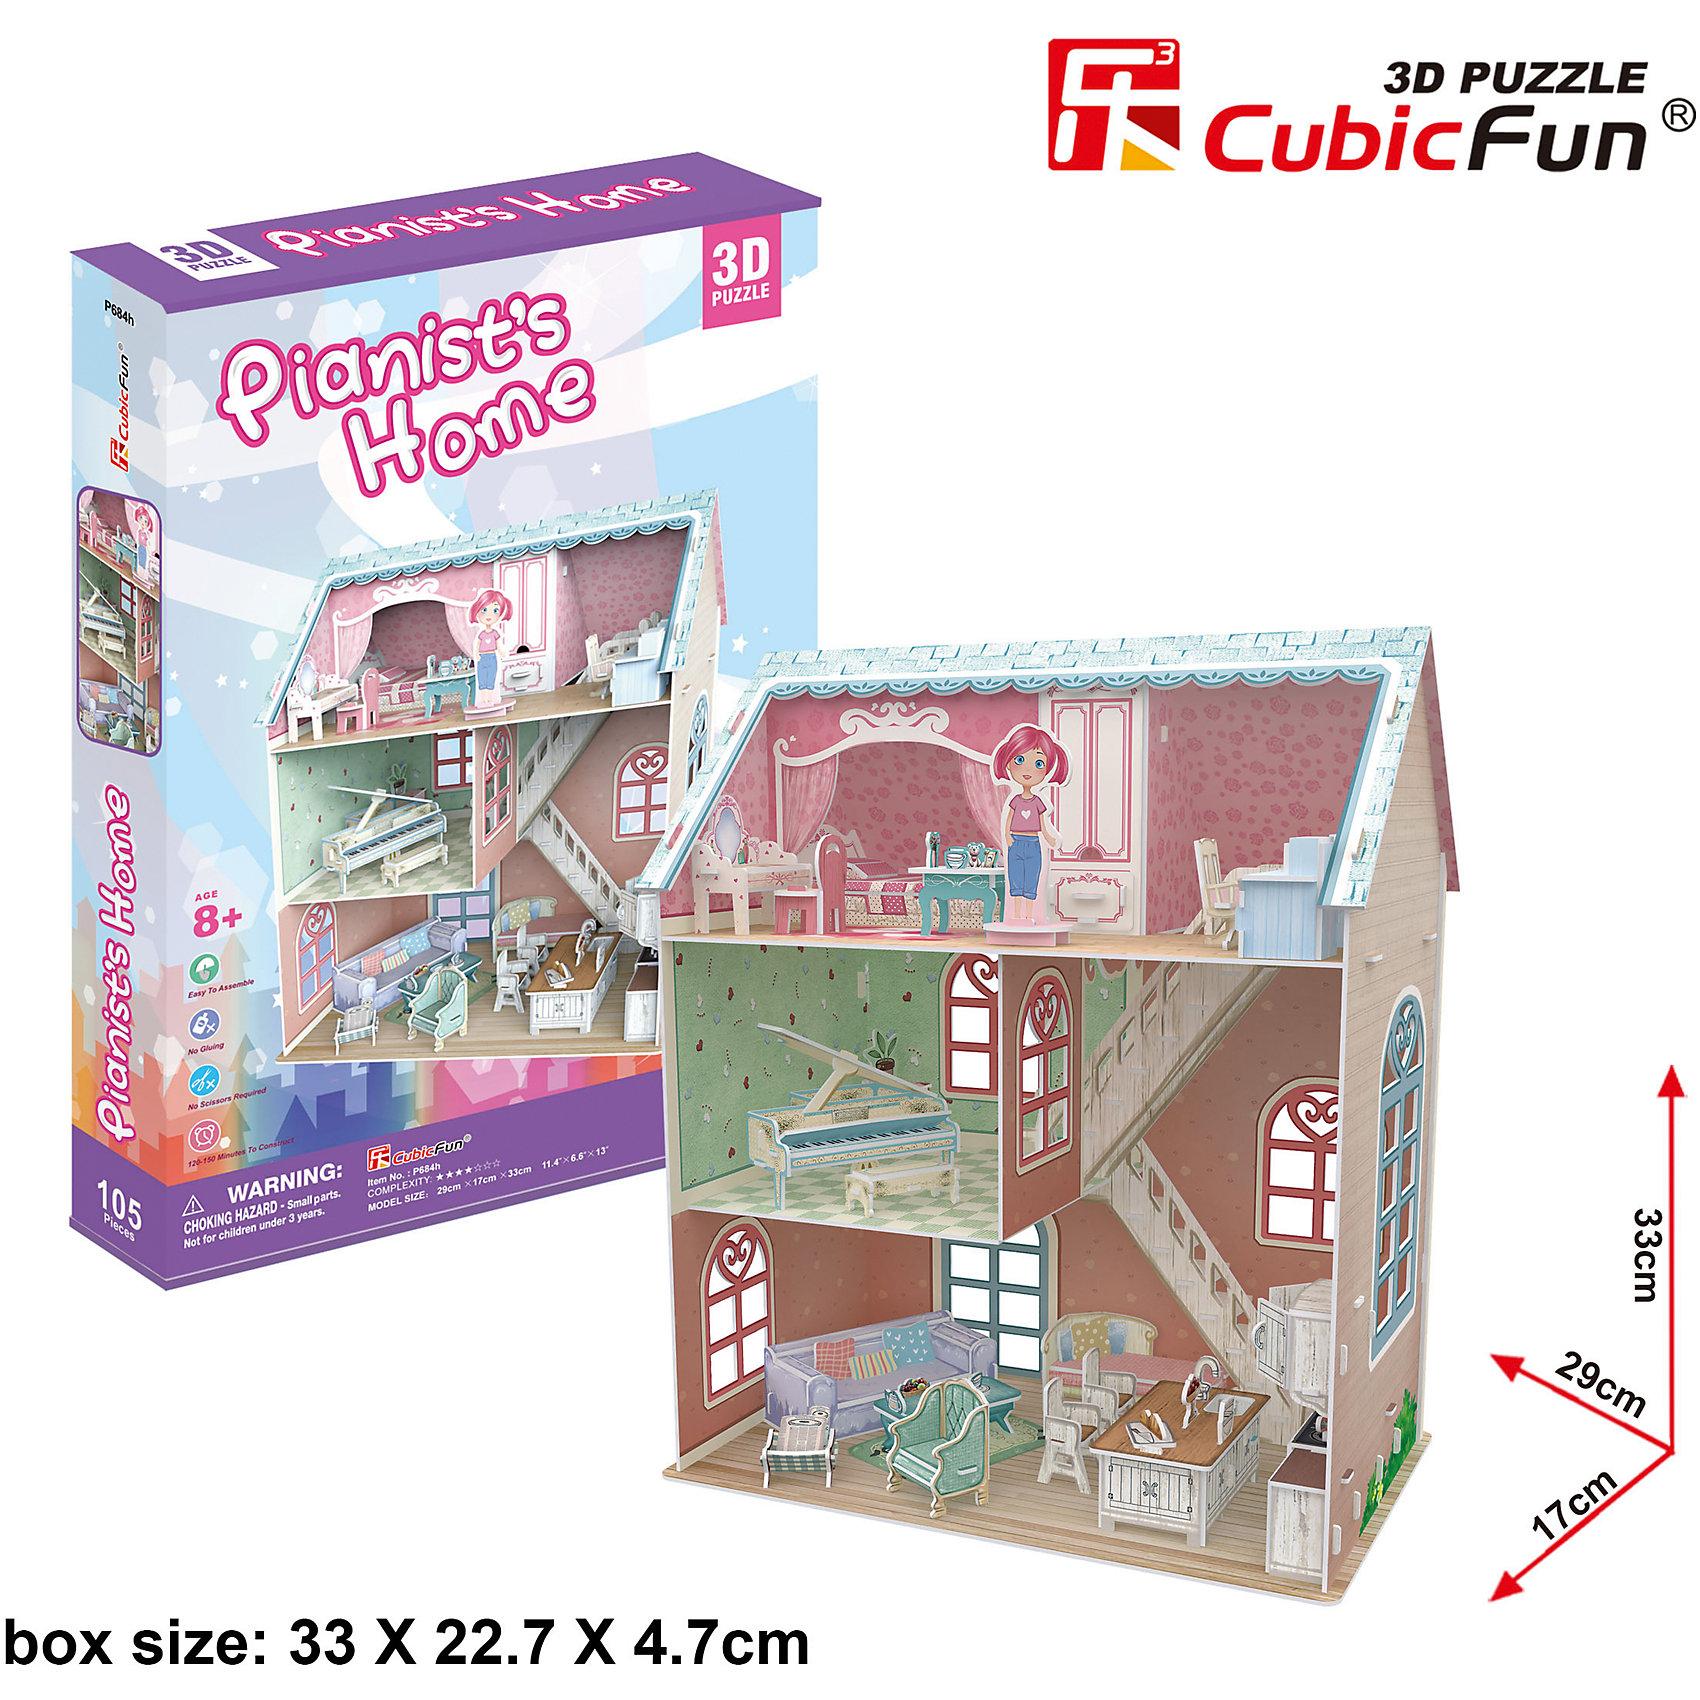 CubicFun Пазл 3D Дом пианиста, CubicFun cubicfun 3d пазл эйфелева башня париж cubicfun 82 детали